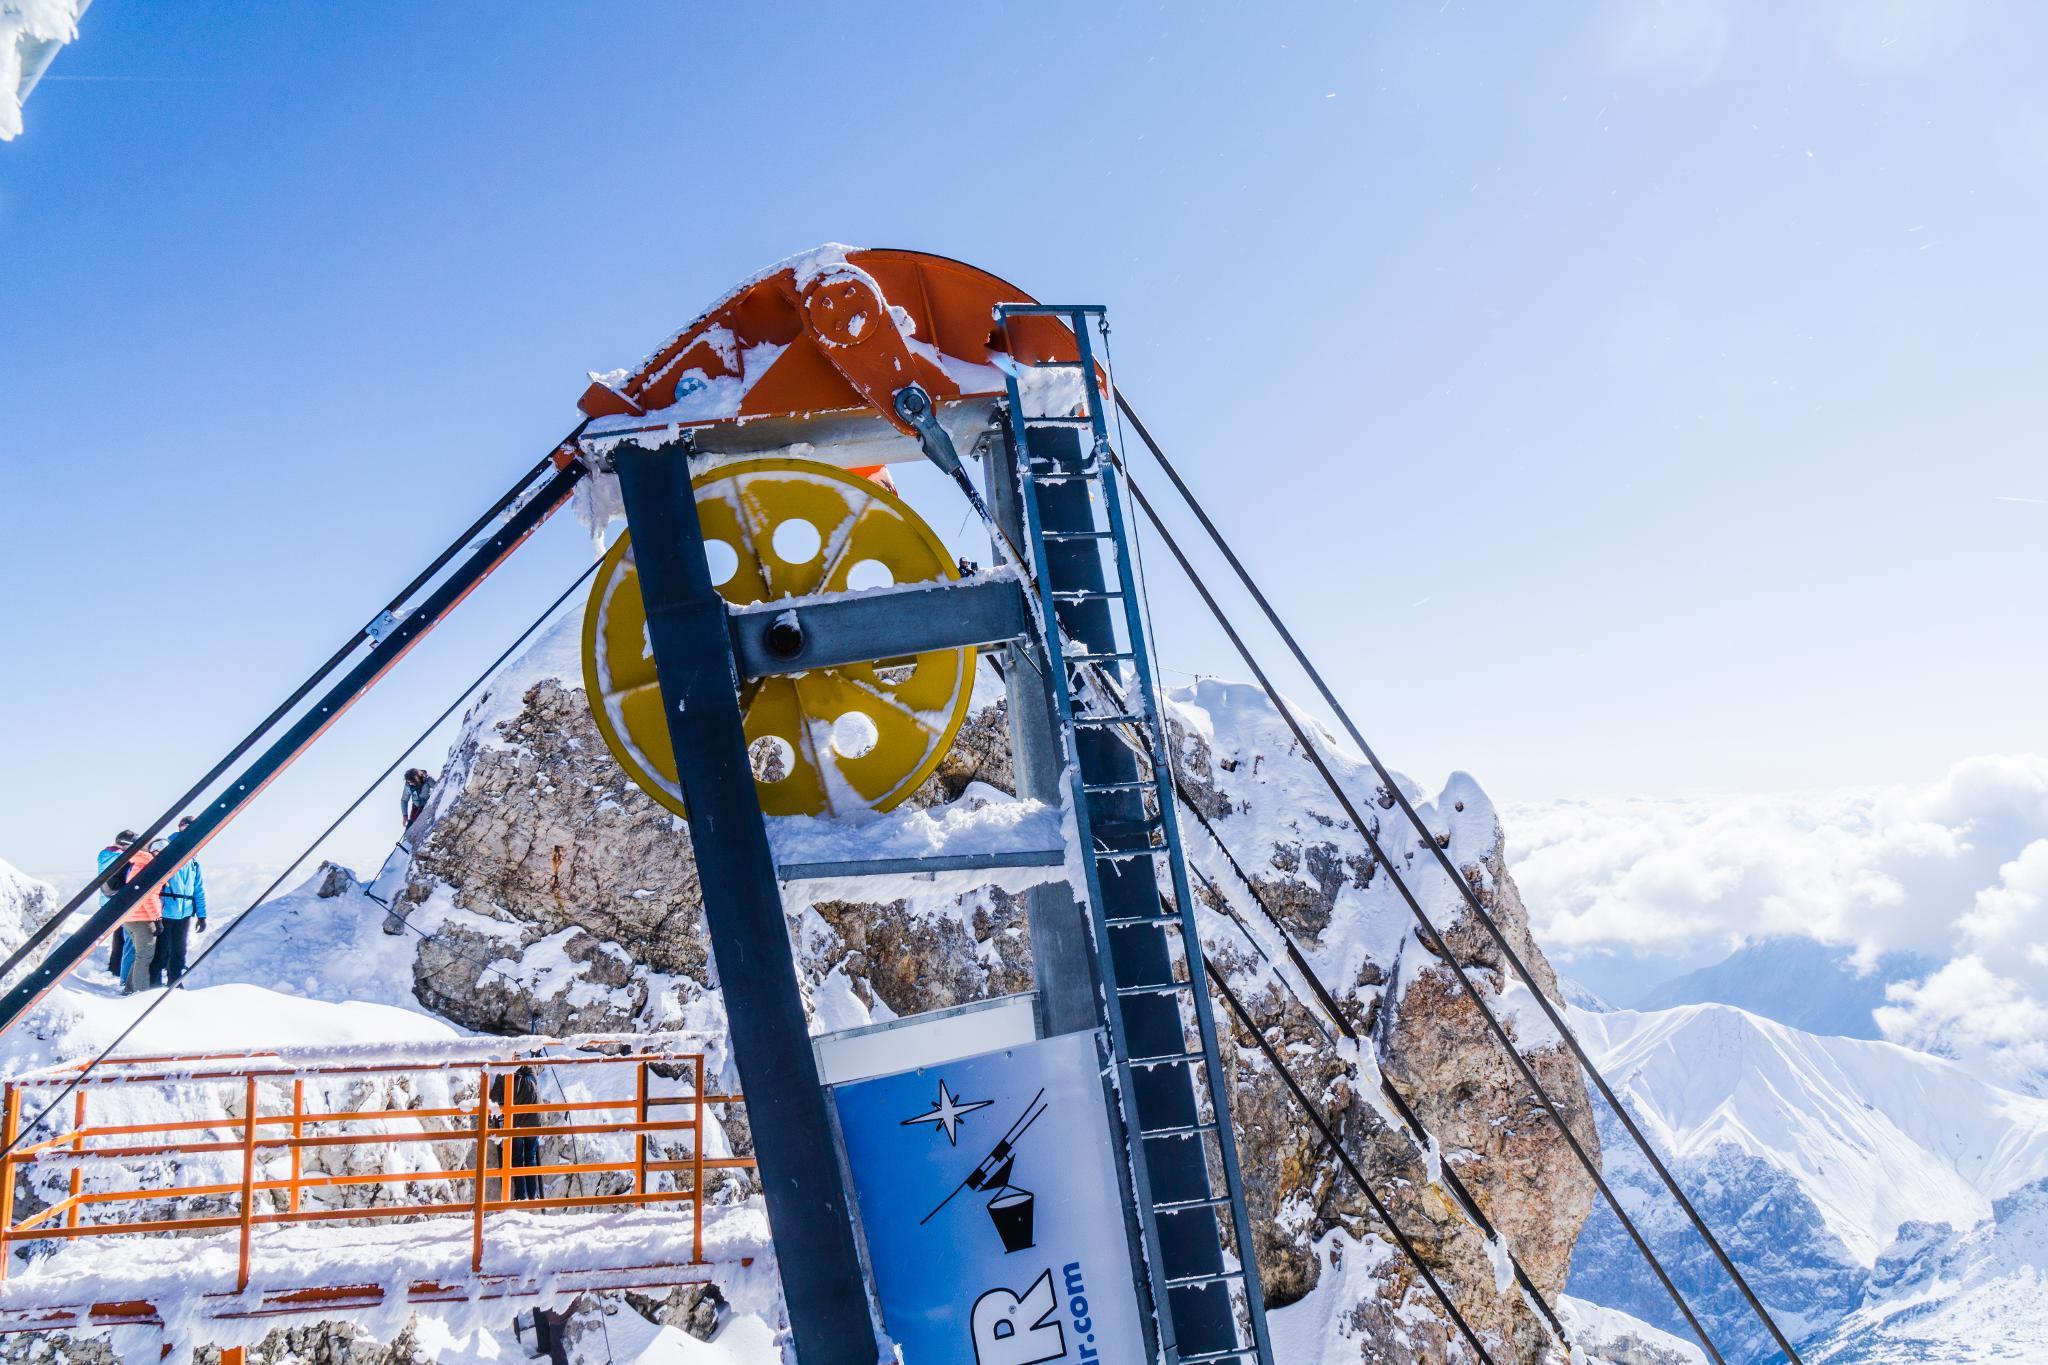 【德國】阿爾卑斯大道:楚格峰 (Zugspitze) 登上德國之巔 48